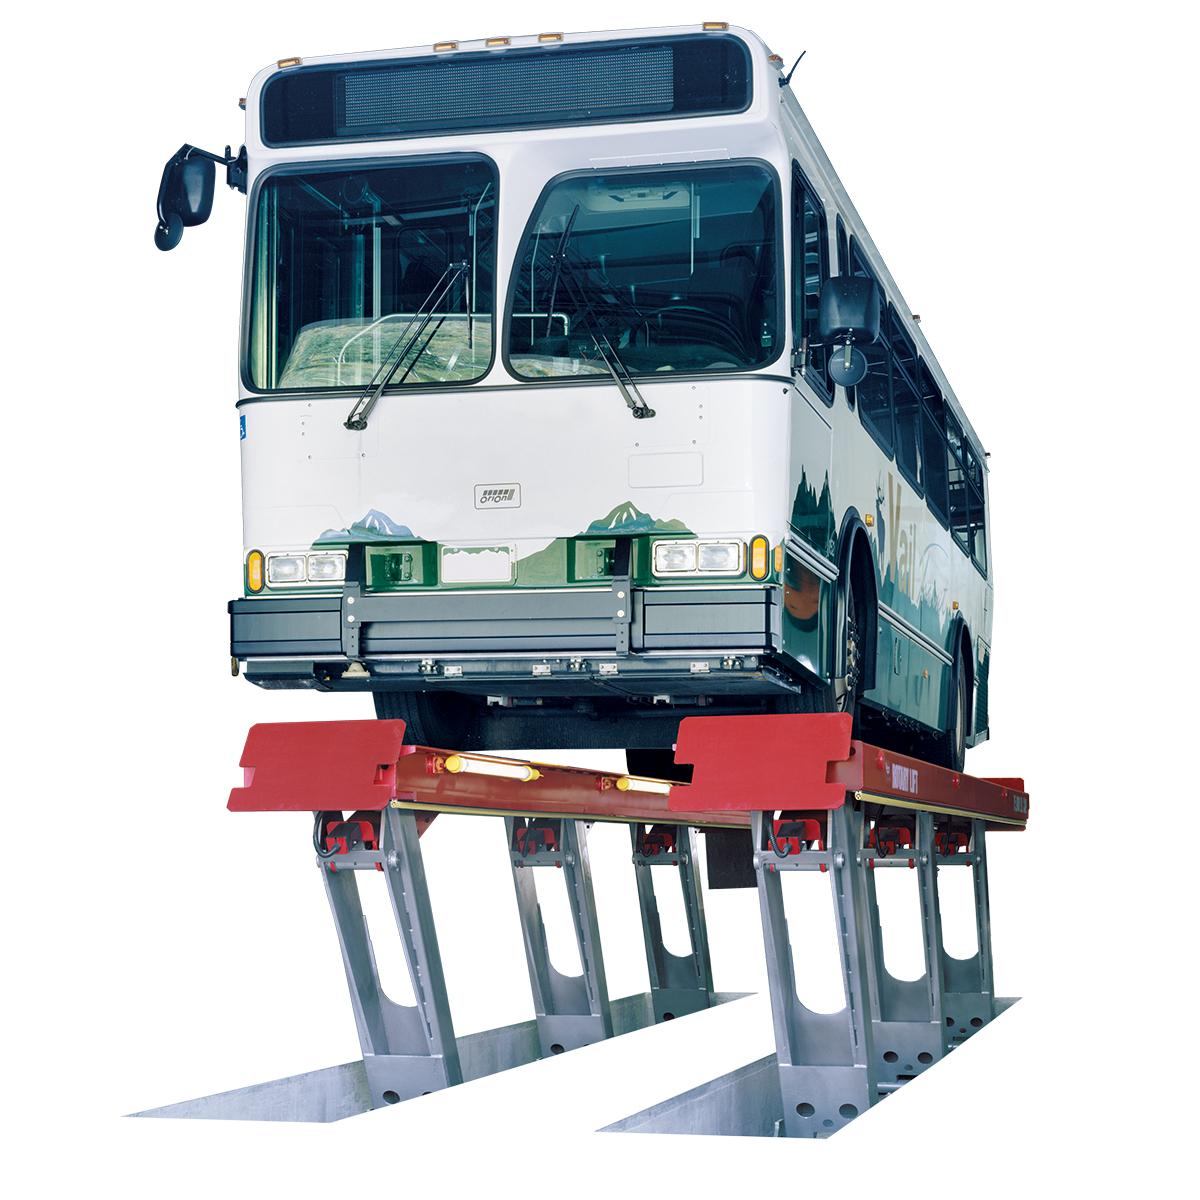 Parallelogram_6legs-bus